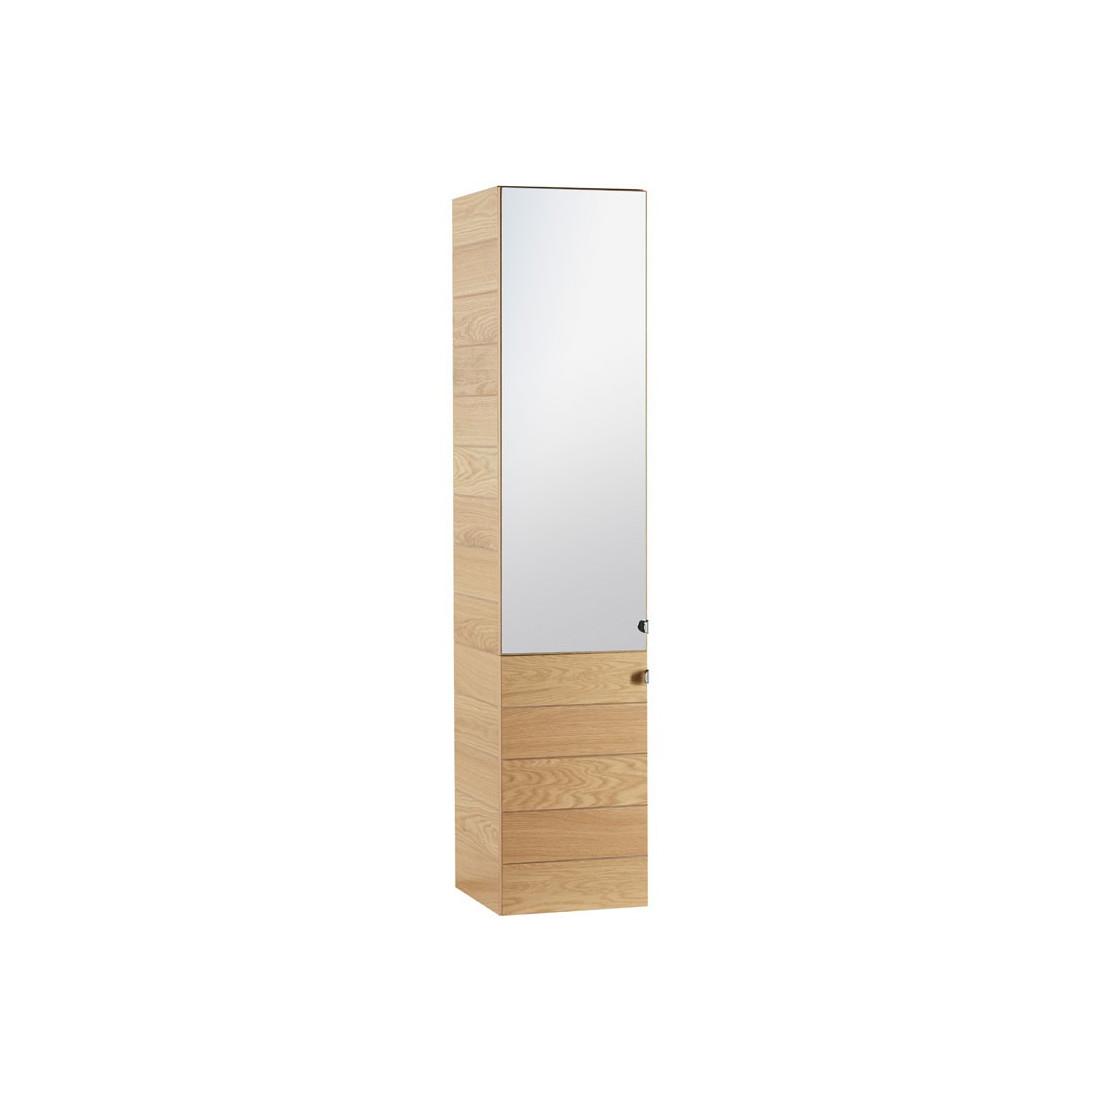 Meuble vasque miroir colonne hera univers de la salle de bains - Meuble salle de bain complet ...